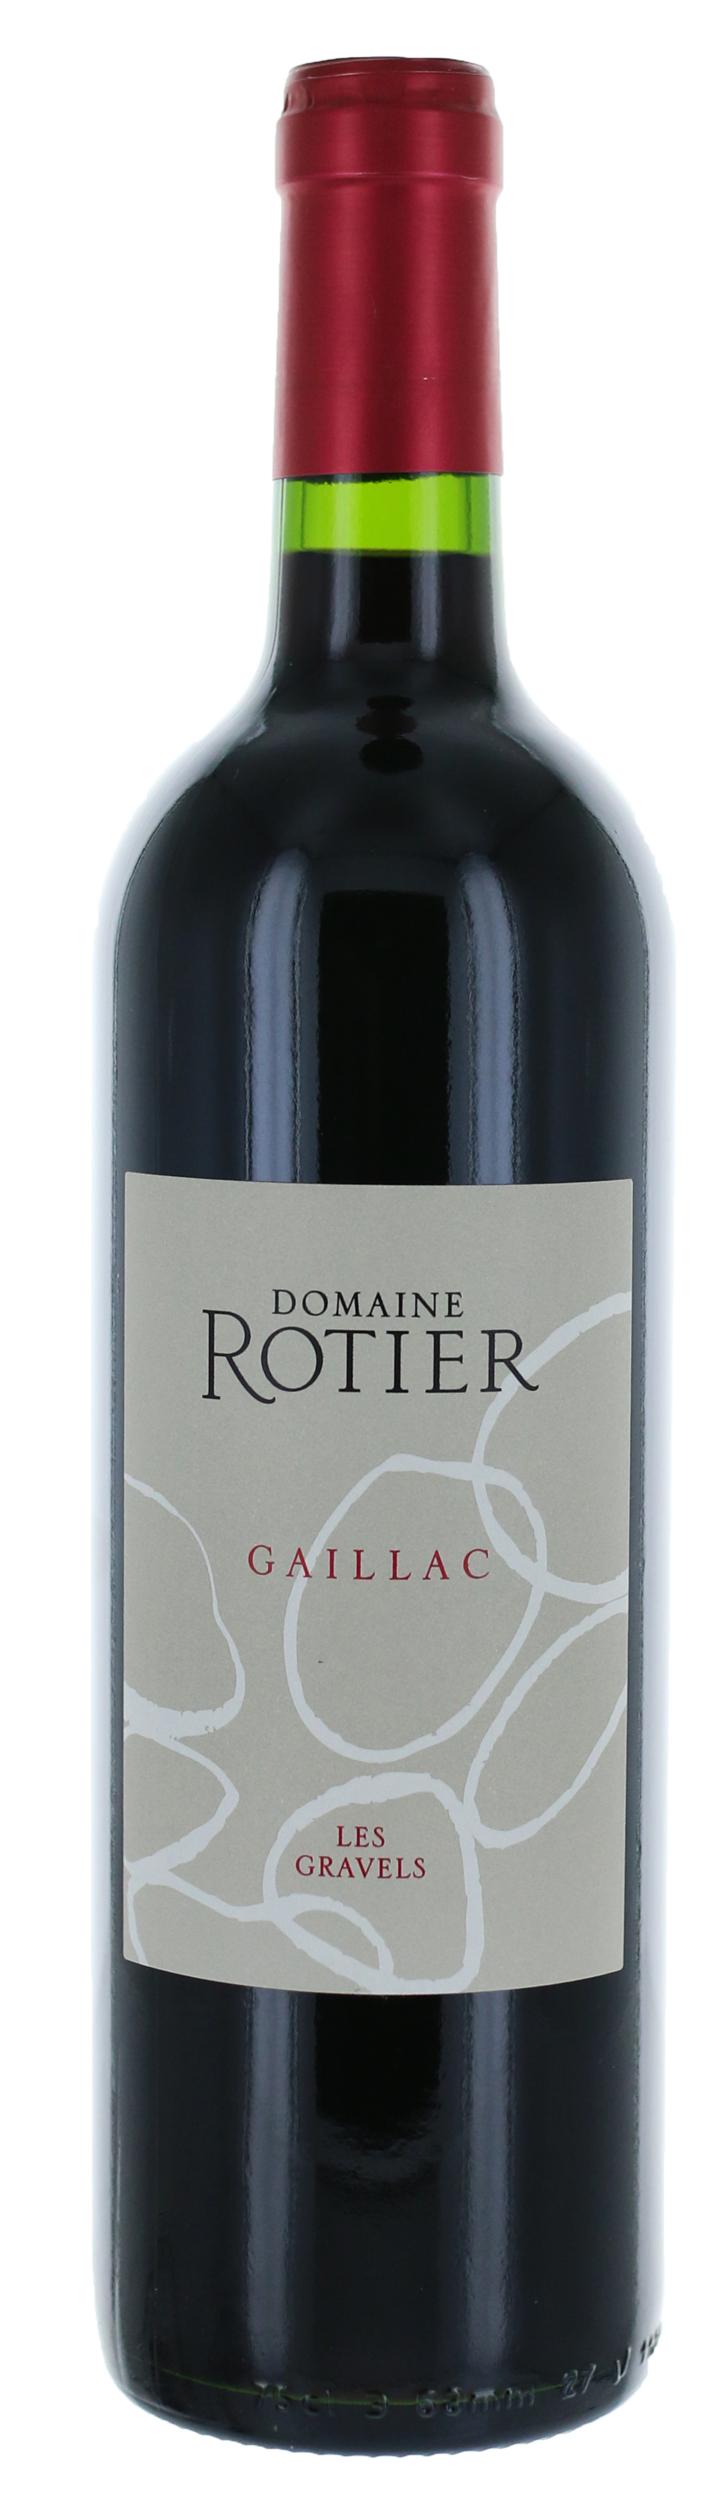 Gaillac - Les Gravels - Domaine Rotier - 2016 - BIO